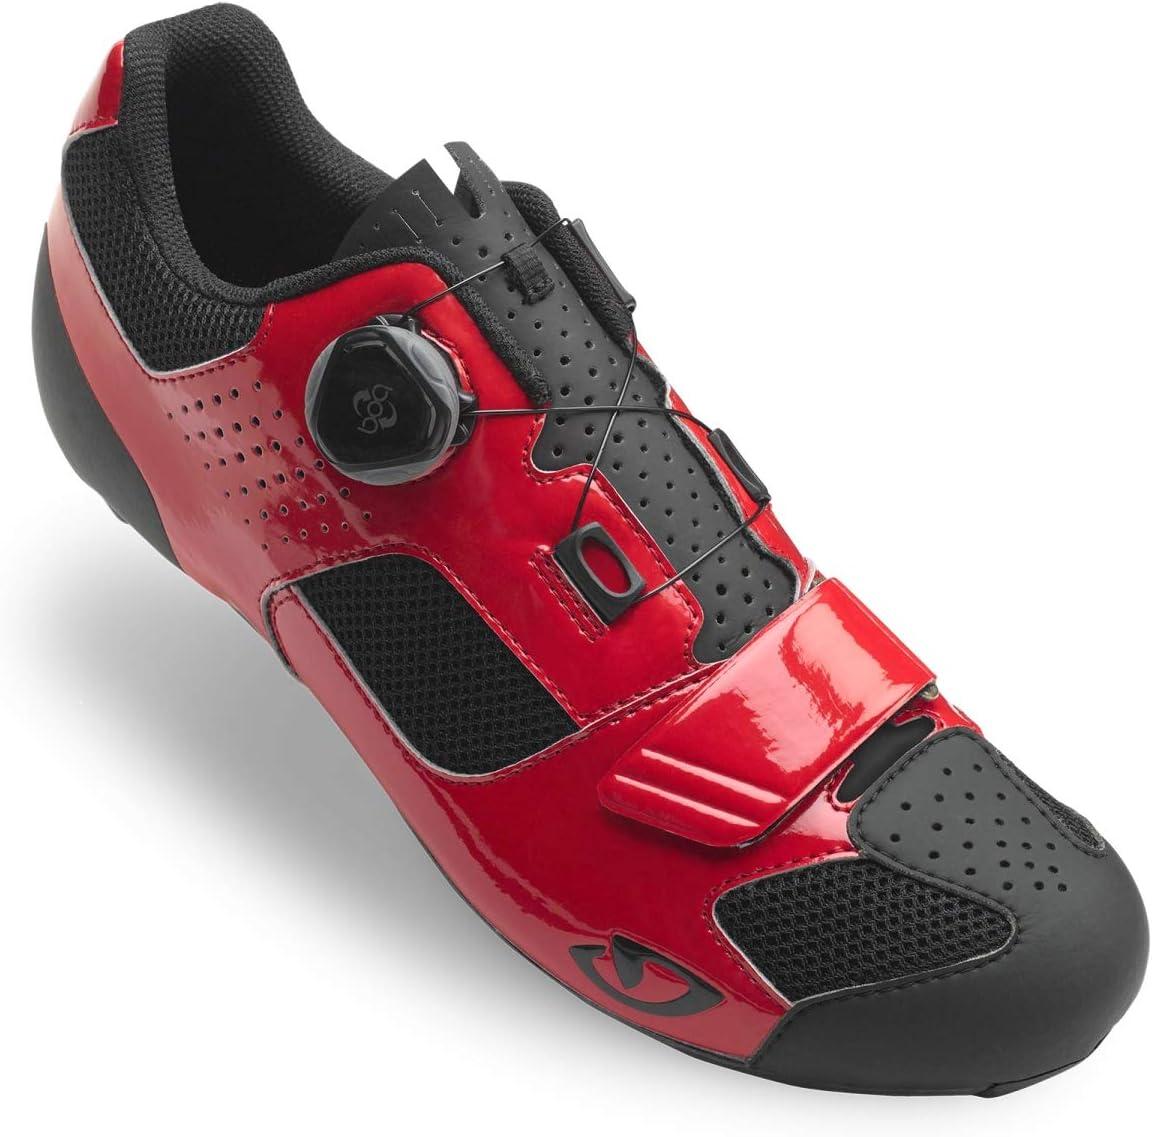 Giro Trans Boa Cycling Shoe - Men's Bright Red/Black, 44.5